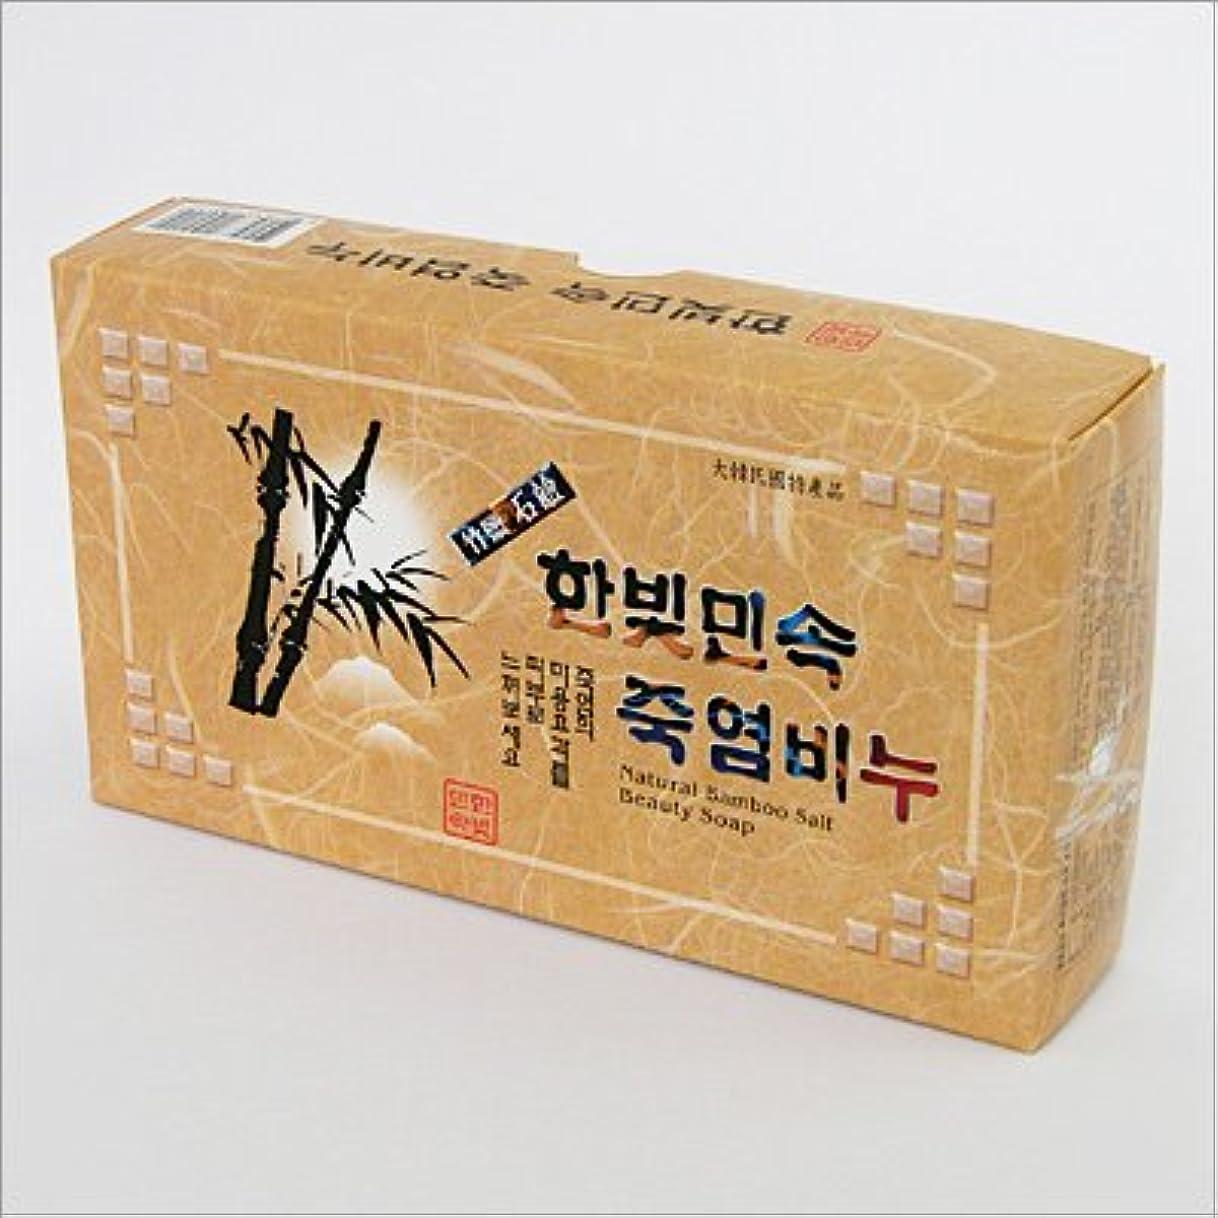 司令官ポジション流産(韓国ブランド) 韓国 竹塩石鹸(3個セット)